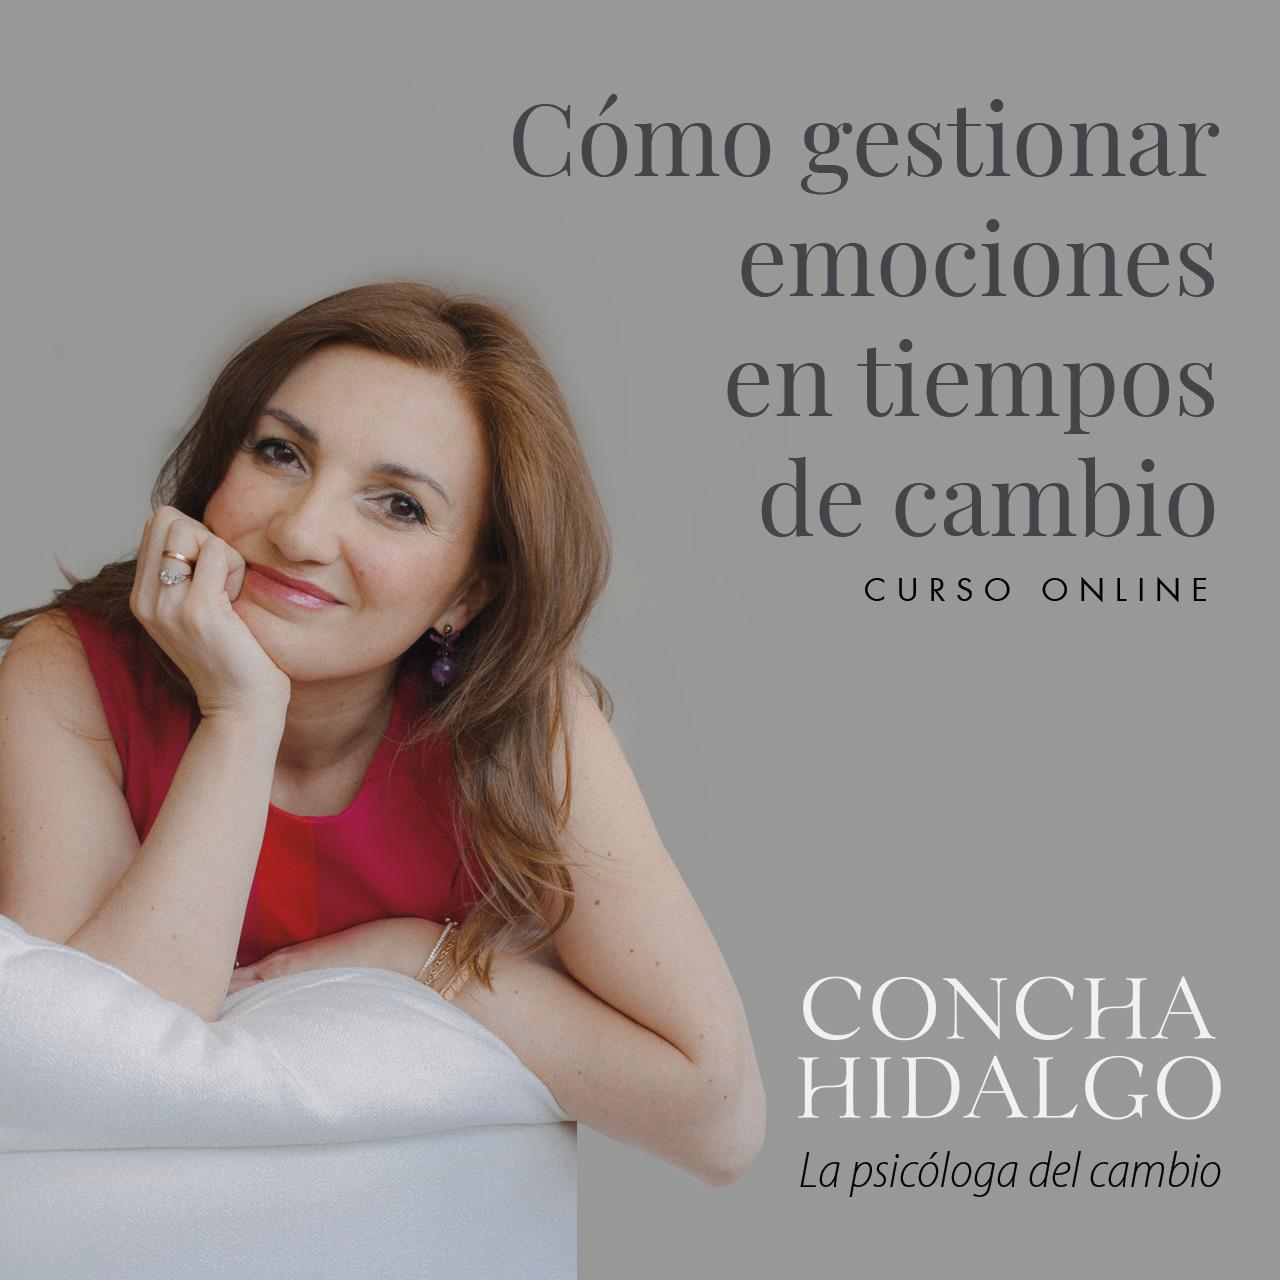 Curso Online Como gestionar emociones en tiempos de curso Concha Hidalgo